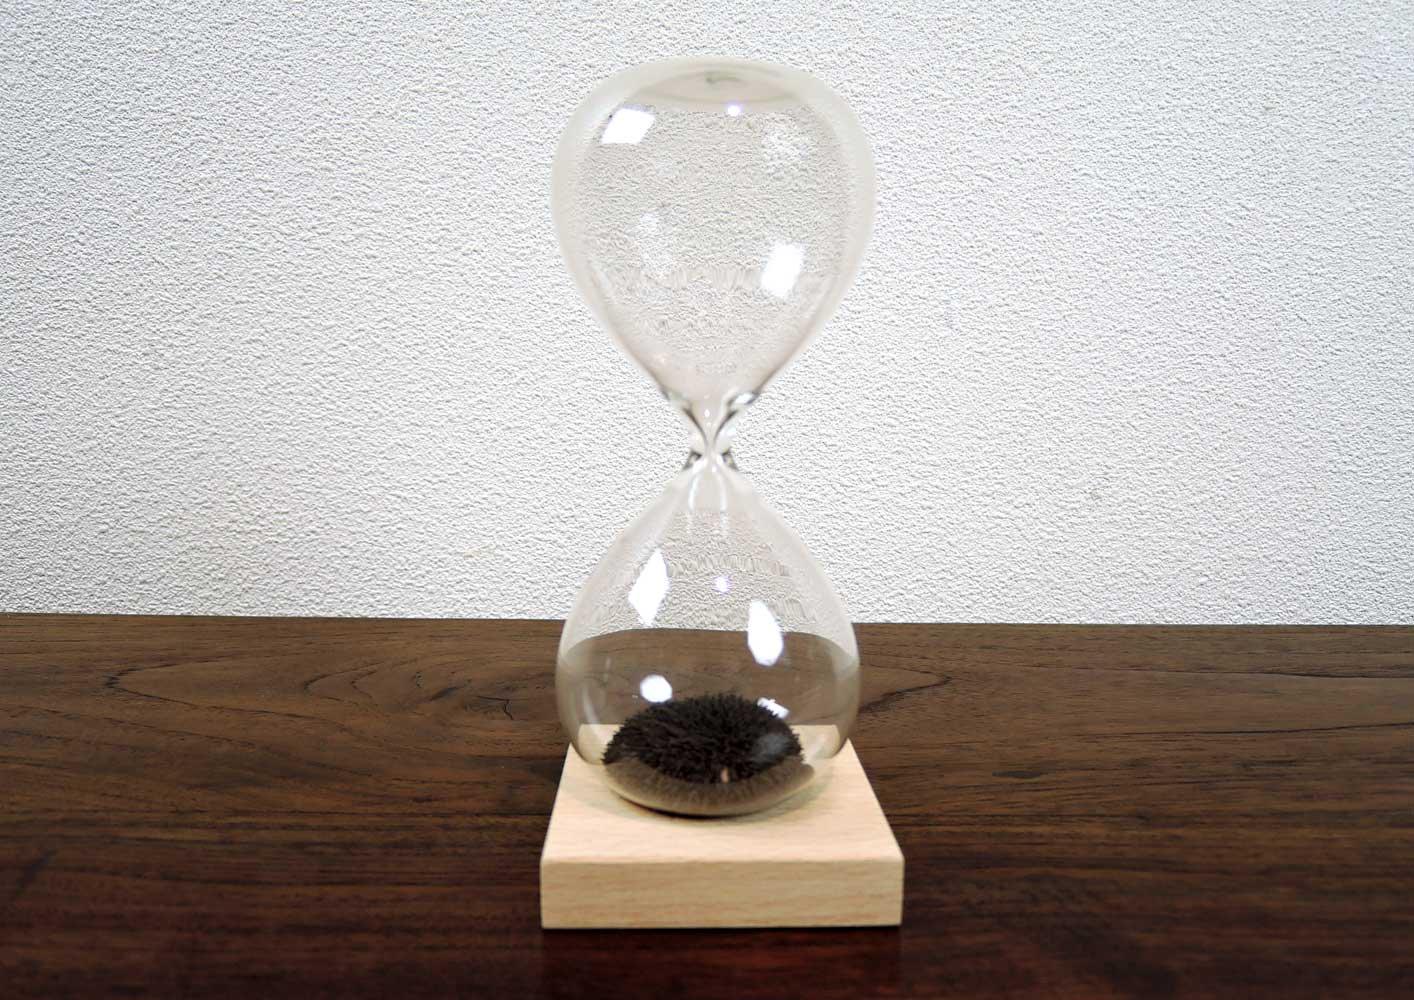 砂鉄の砂時計<br>